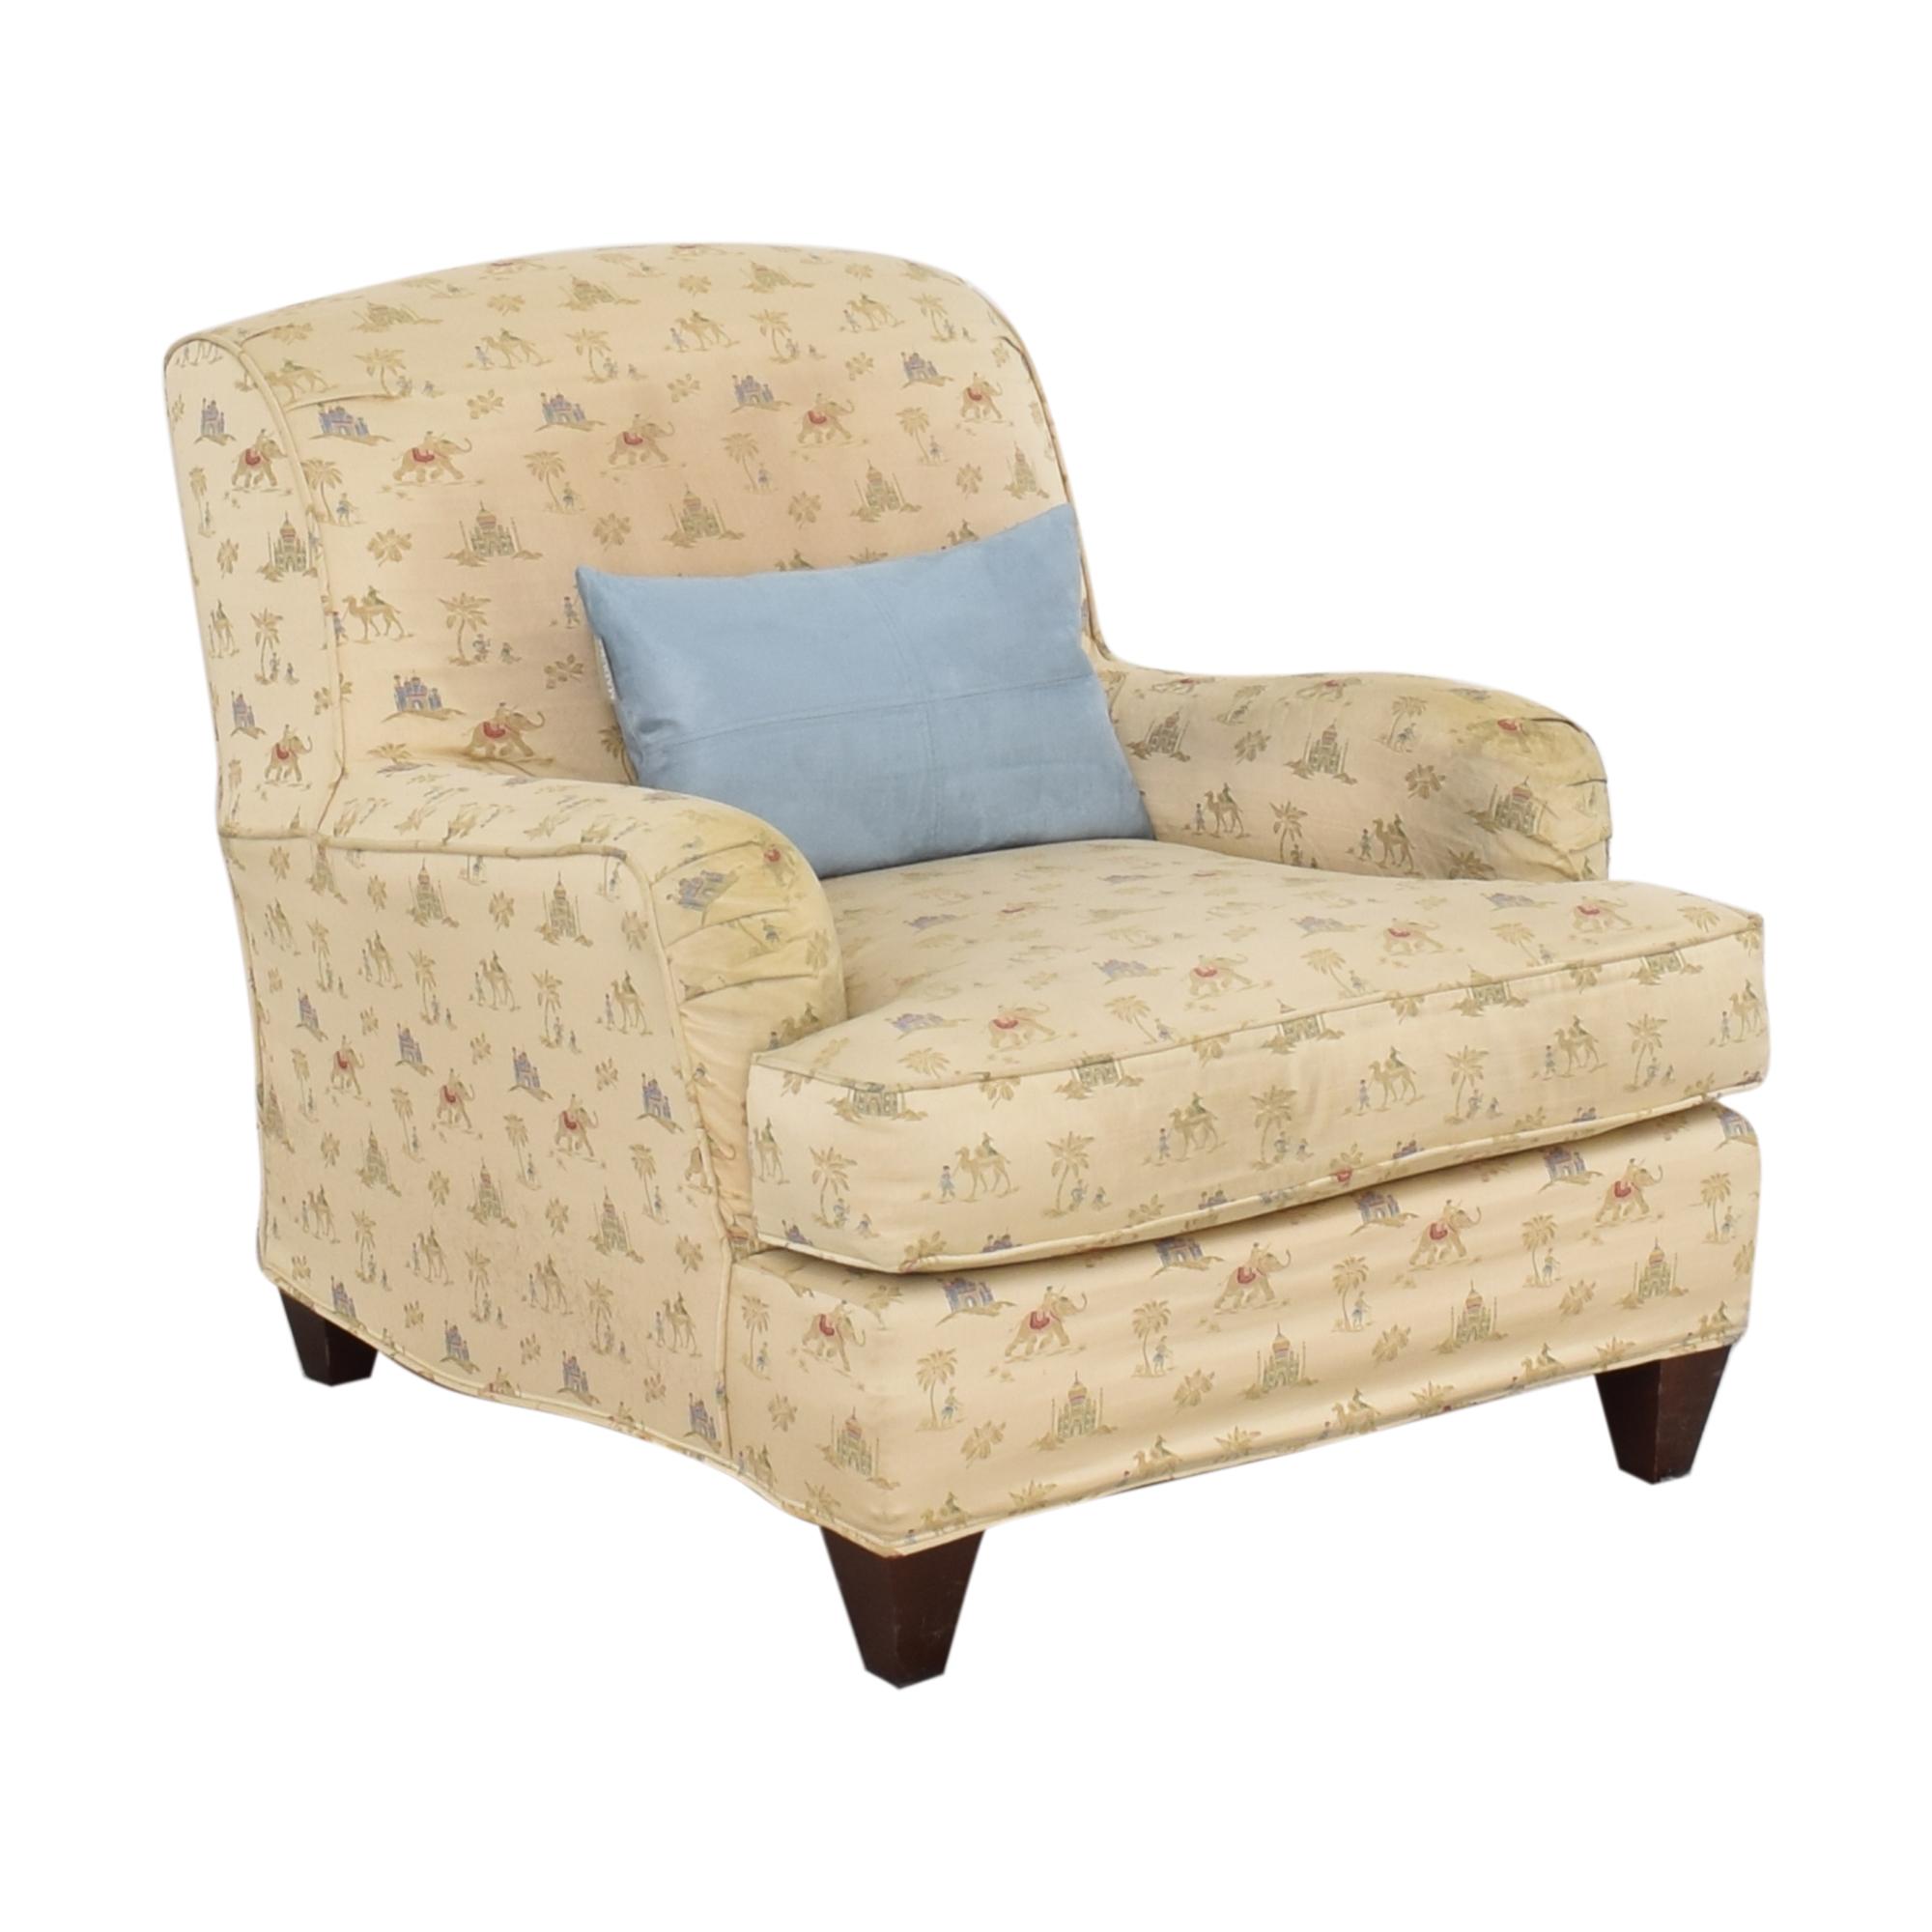 Madura Madura Club Chair used